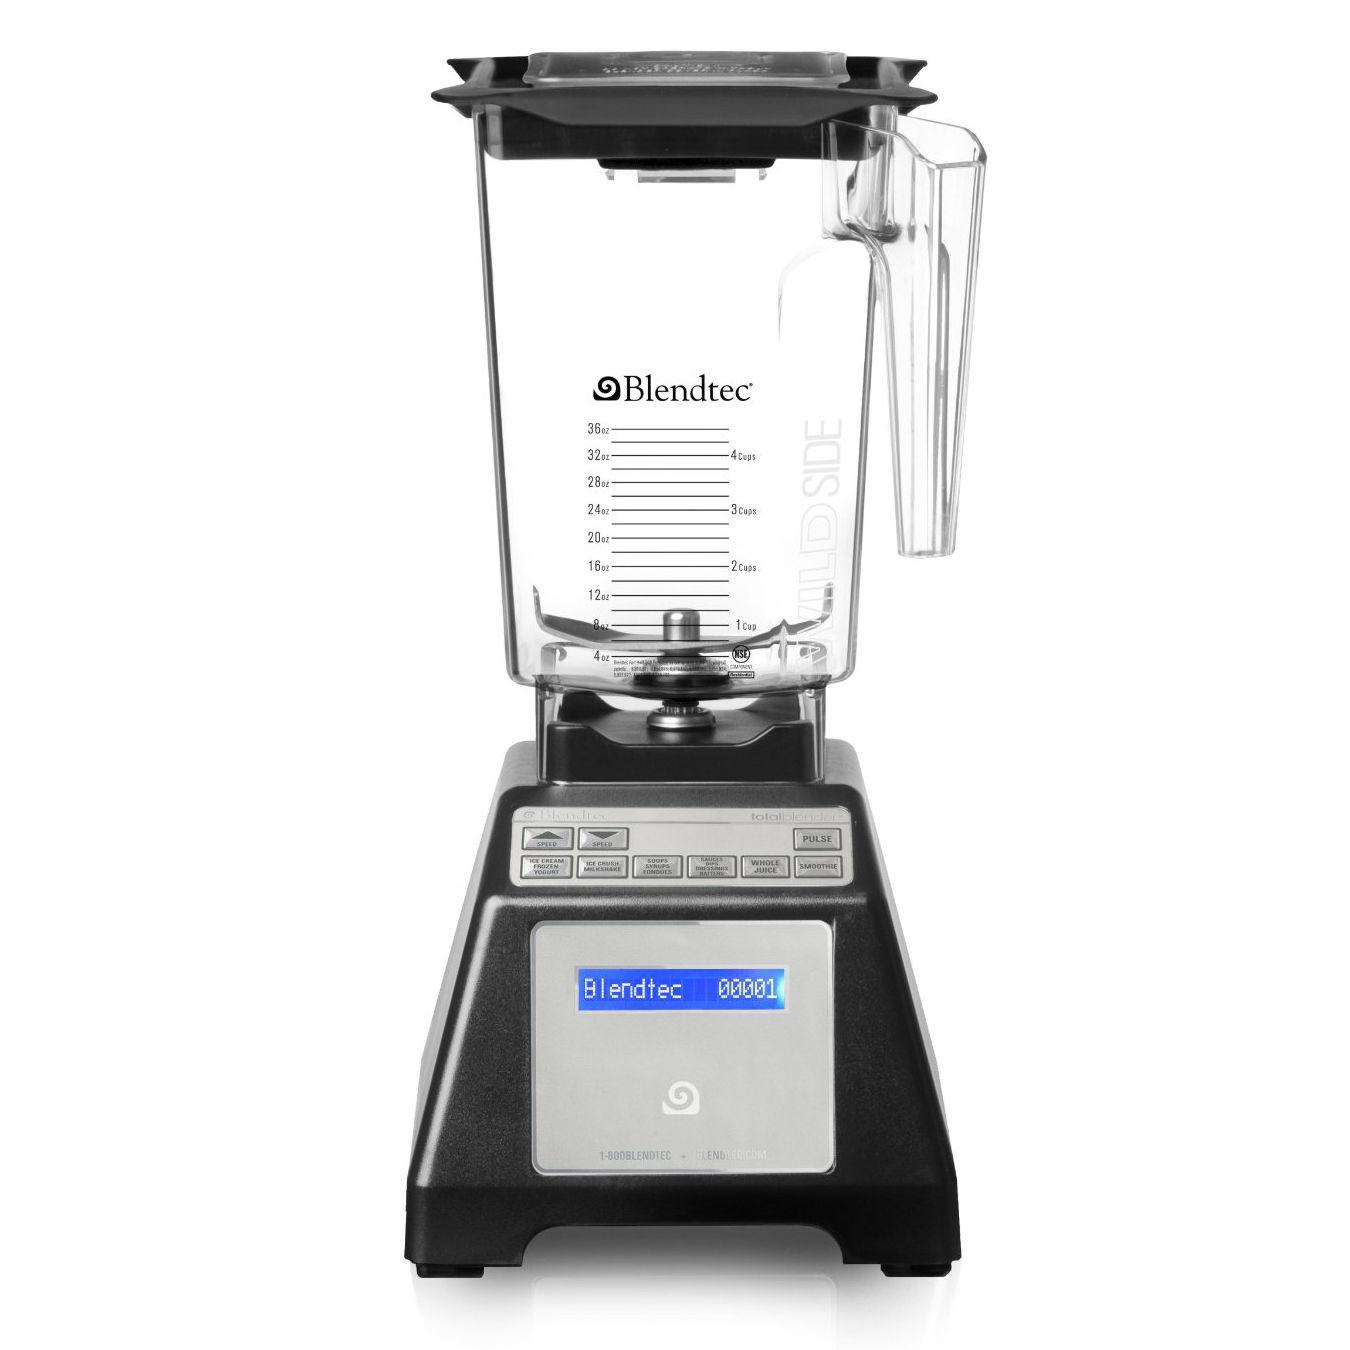 Blendtec Total Blender w/ WildSide Jar (Refurb) w/ Full 7-Year Manufacturer Warranty $190 + Free Shipping